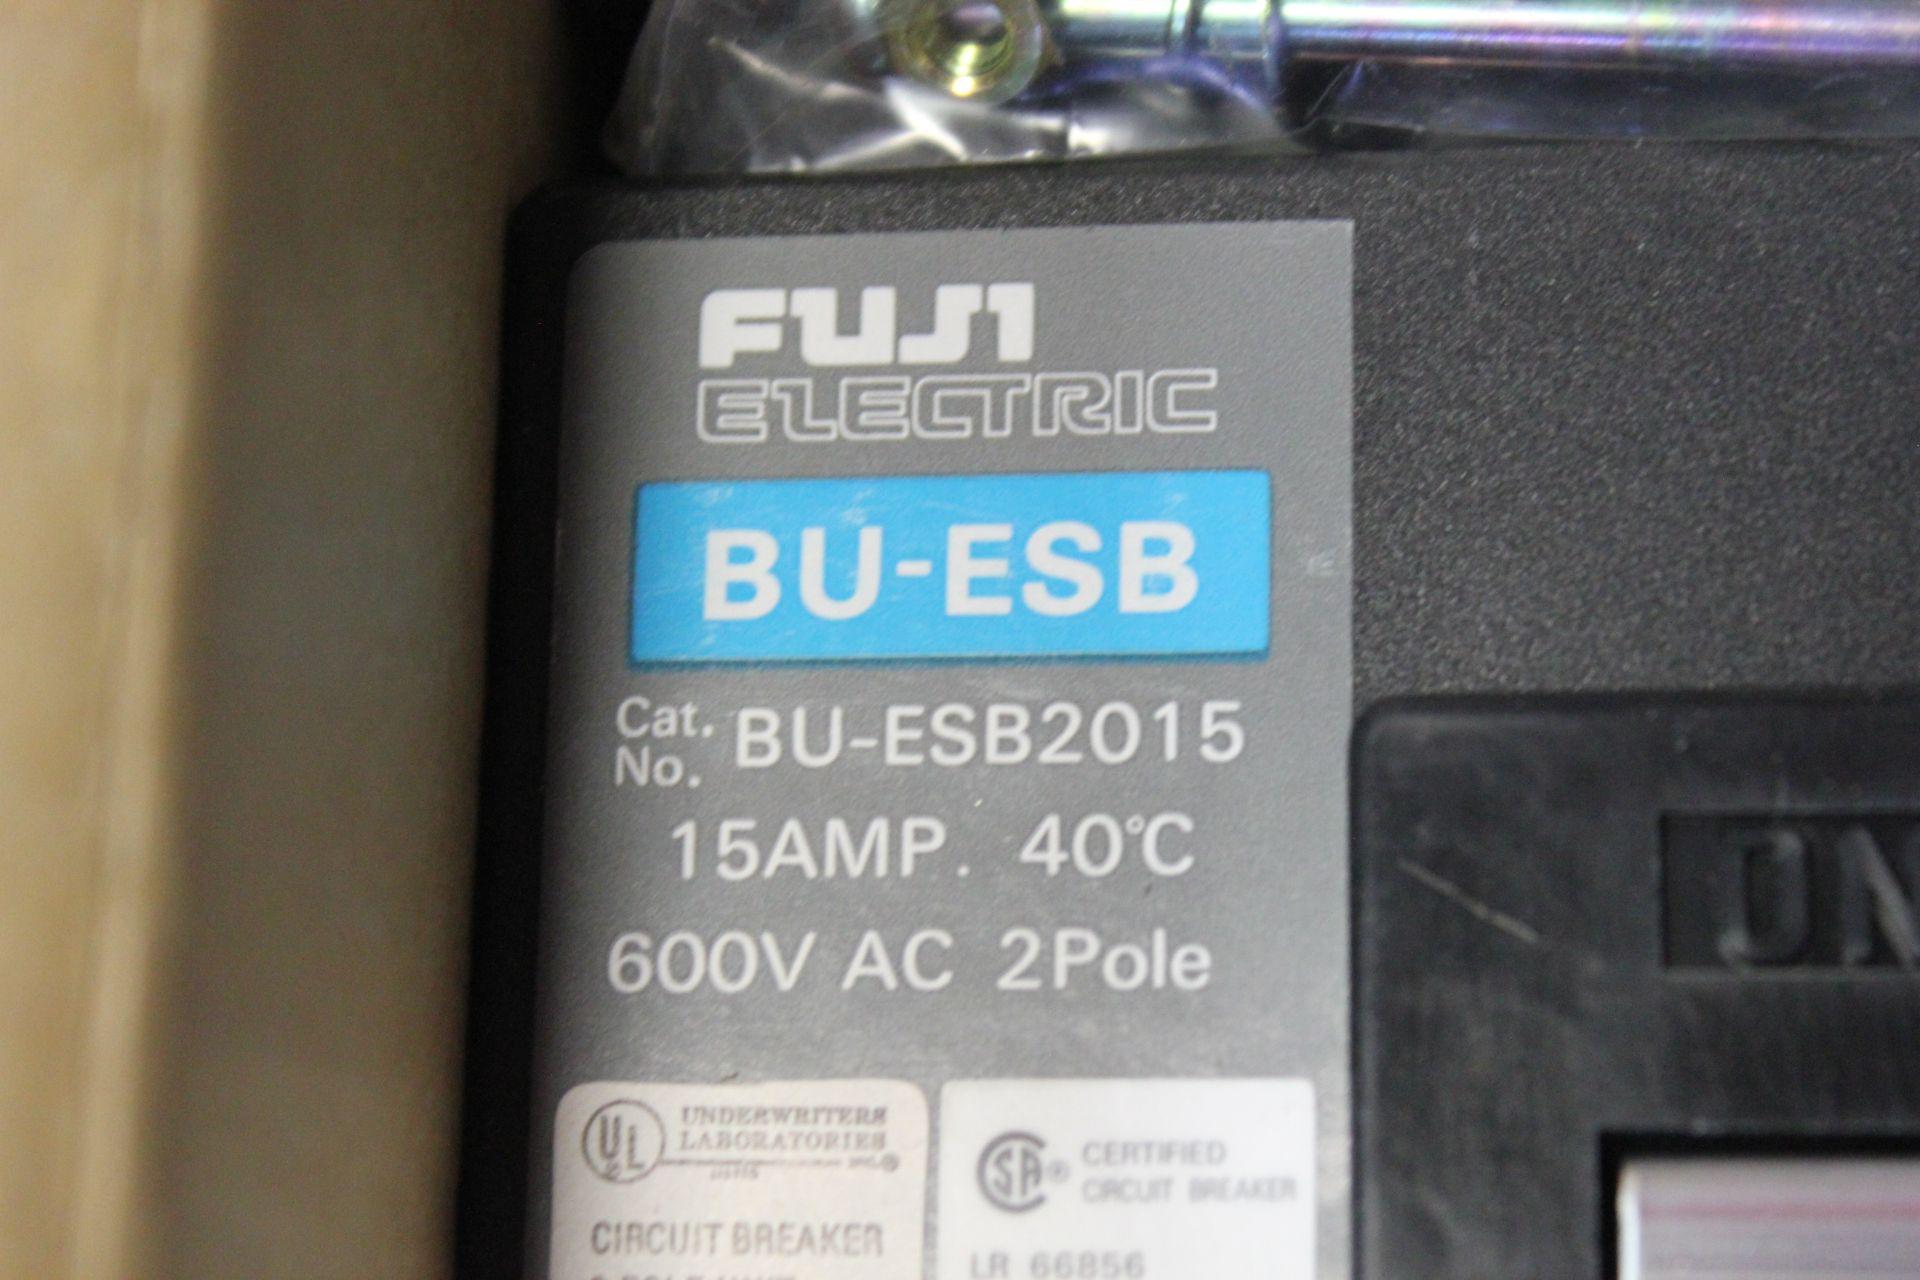 NEW FUJI ELECTRIC CIRCUIT BREAKER - Image 3 of 3